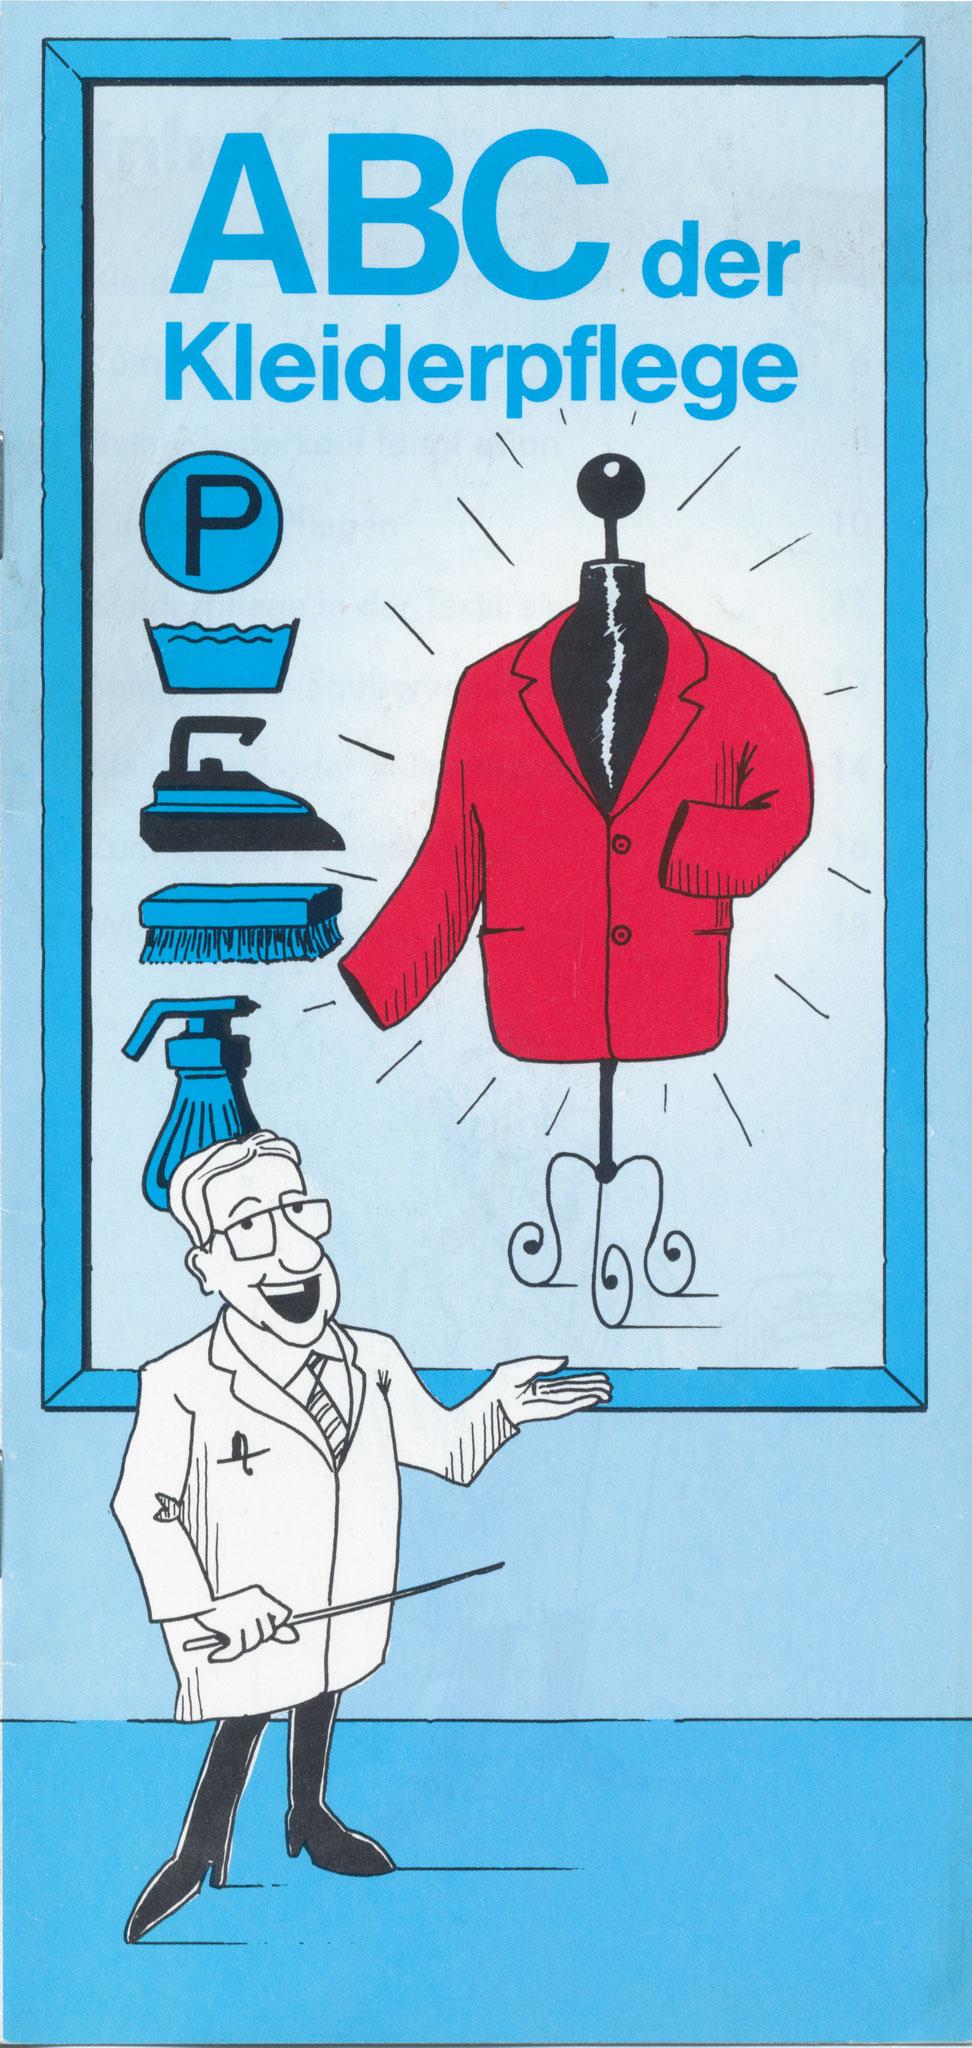 1980 Müden Arbeitskreis Textilreinigung: Seite 1,  ABC Kleiderpflege